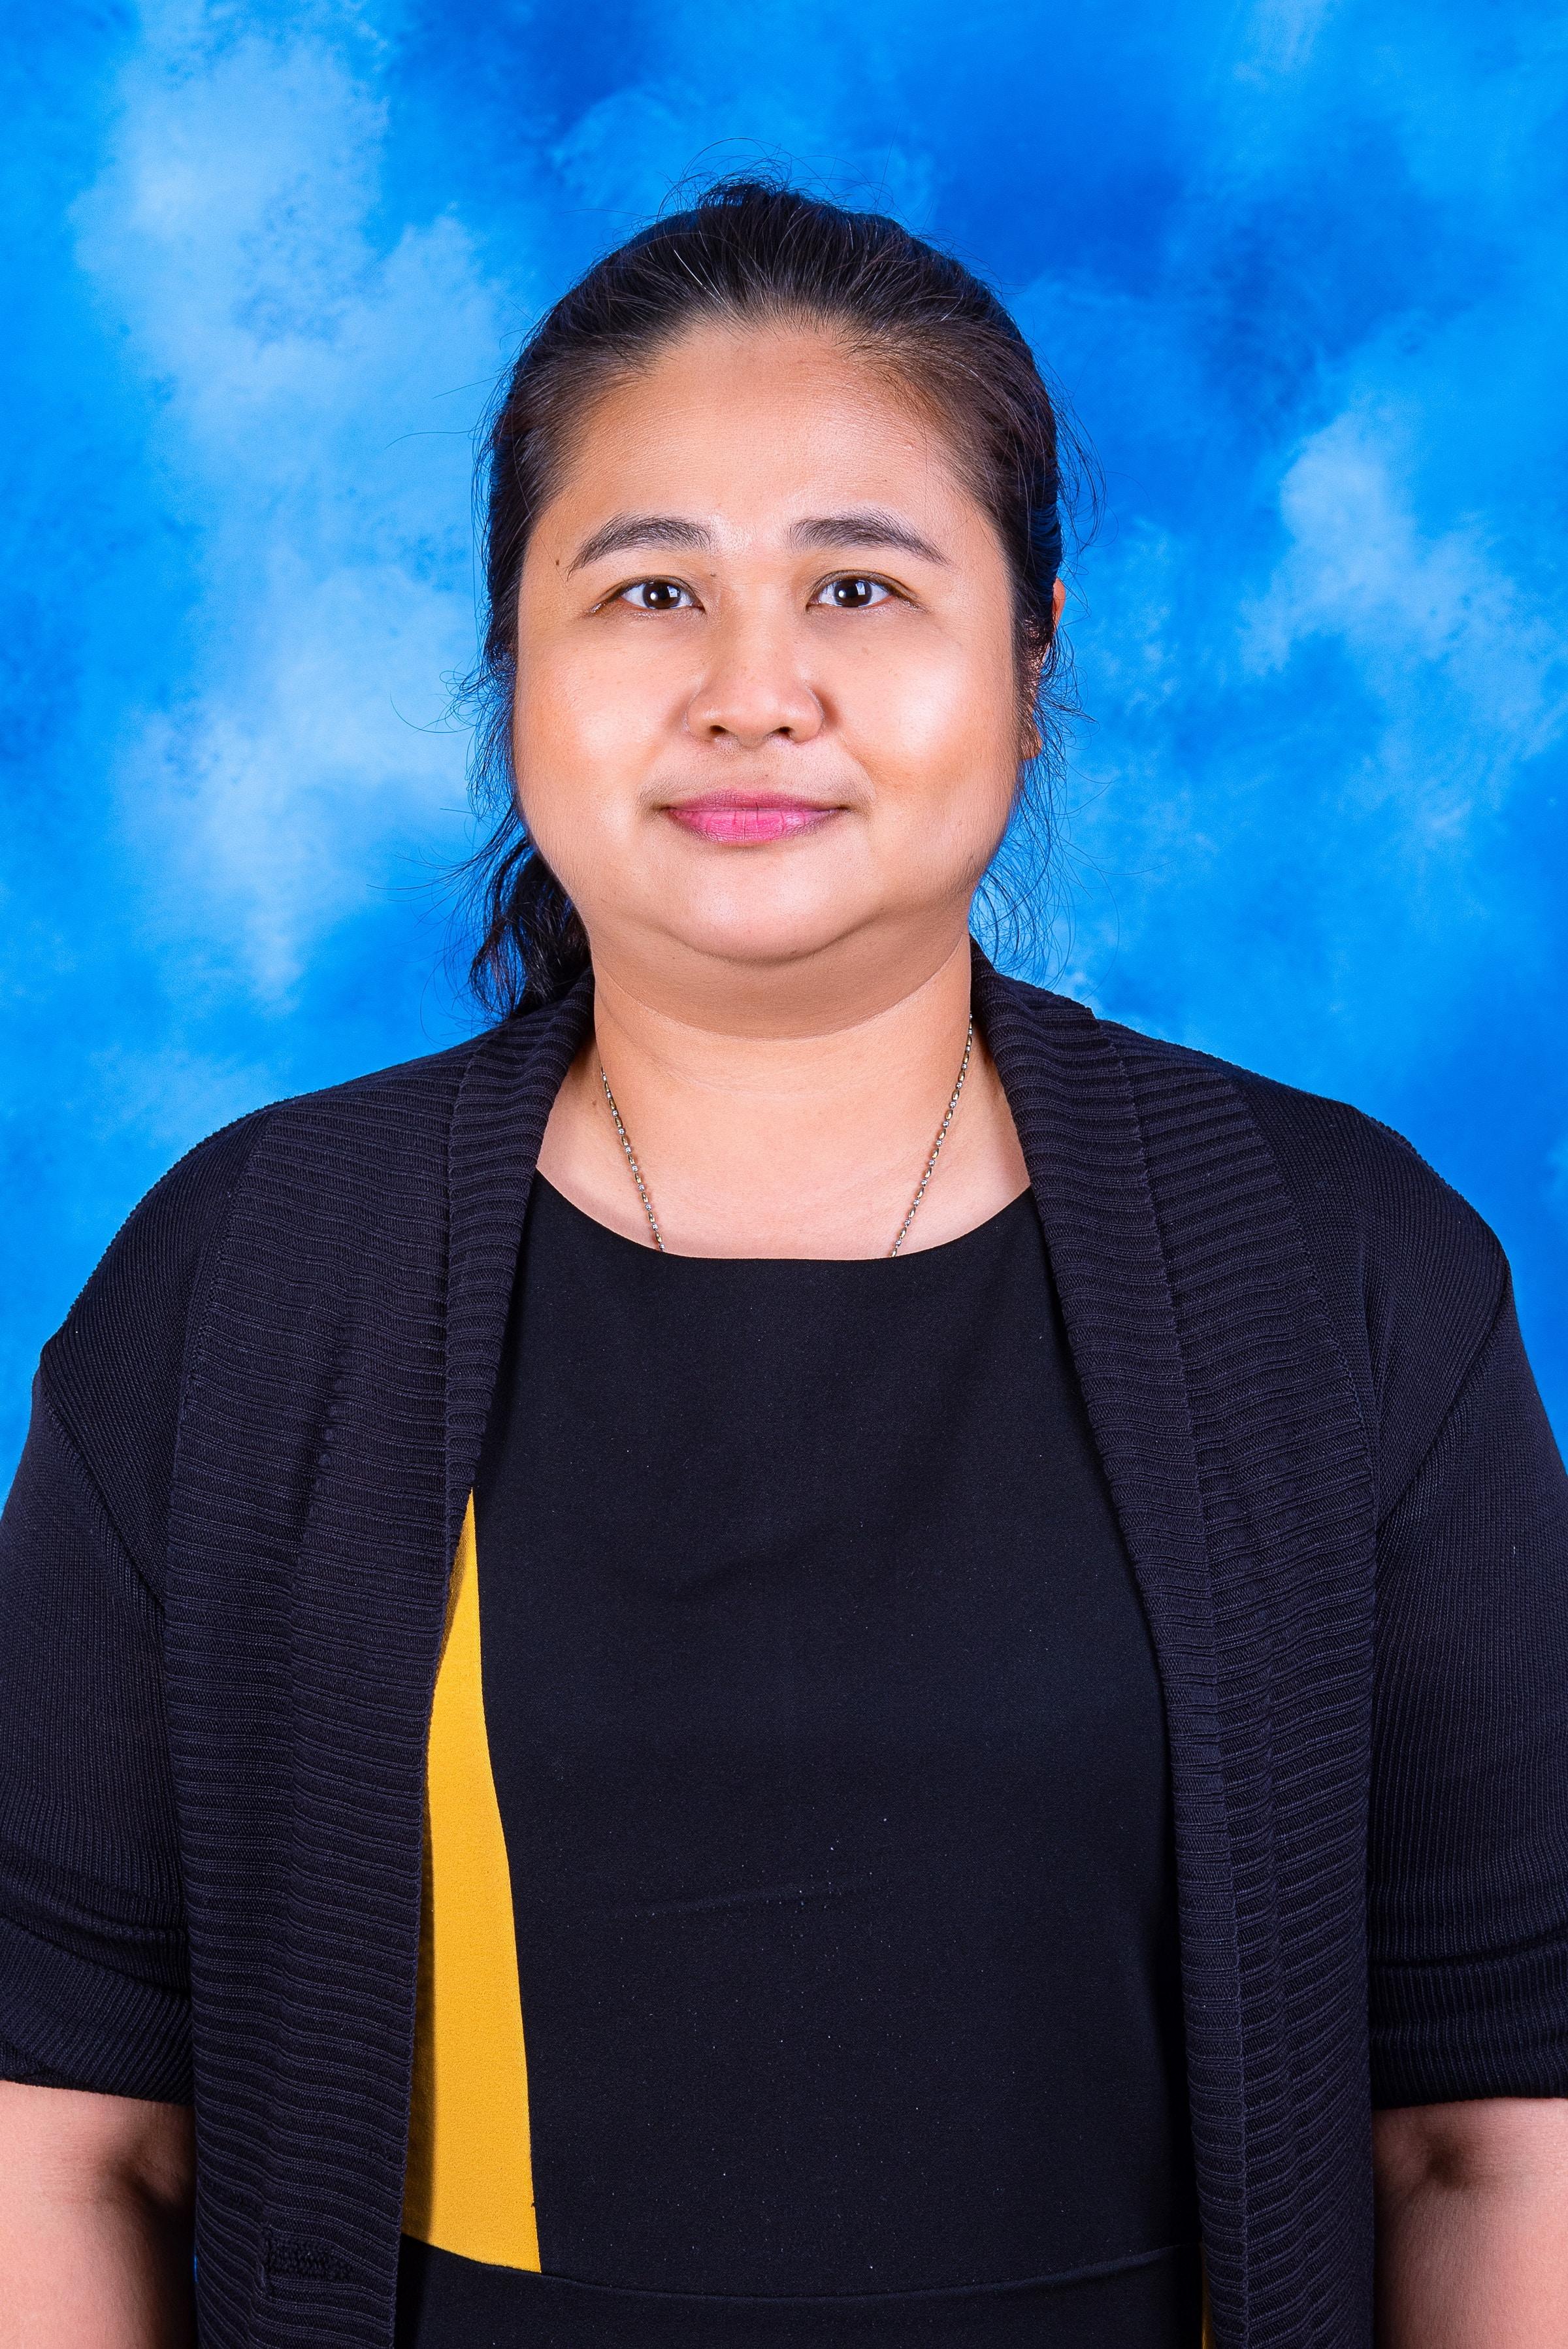 Mrs. Niorn Sudthiswat